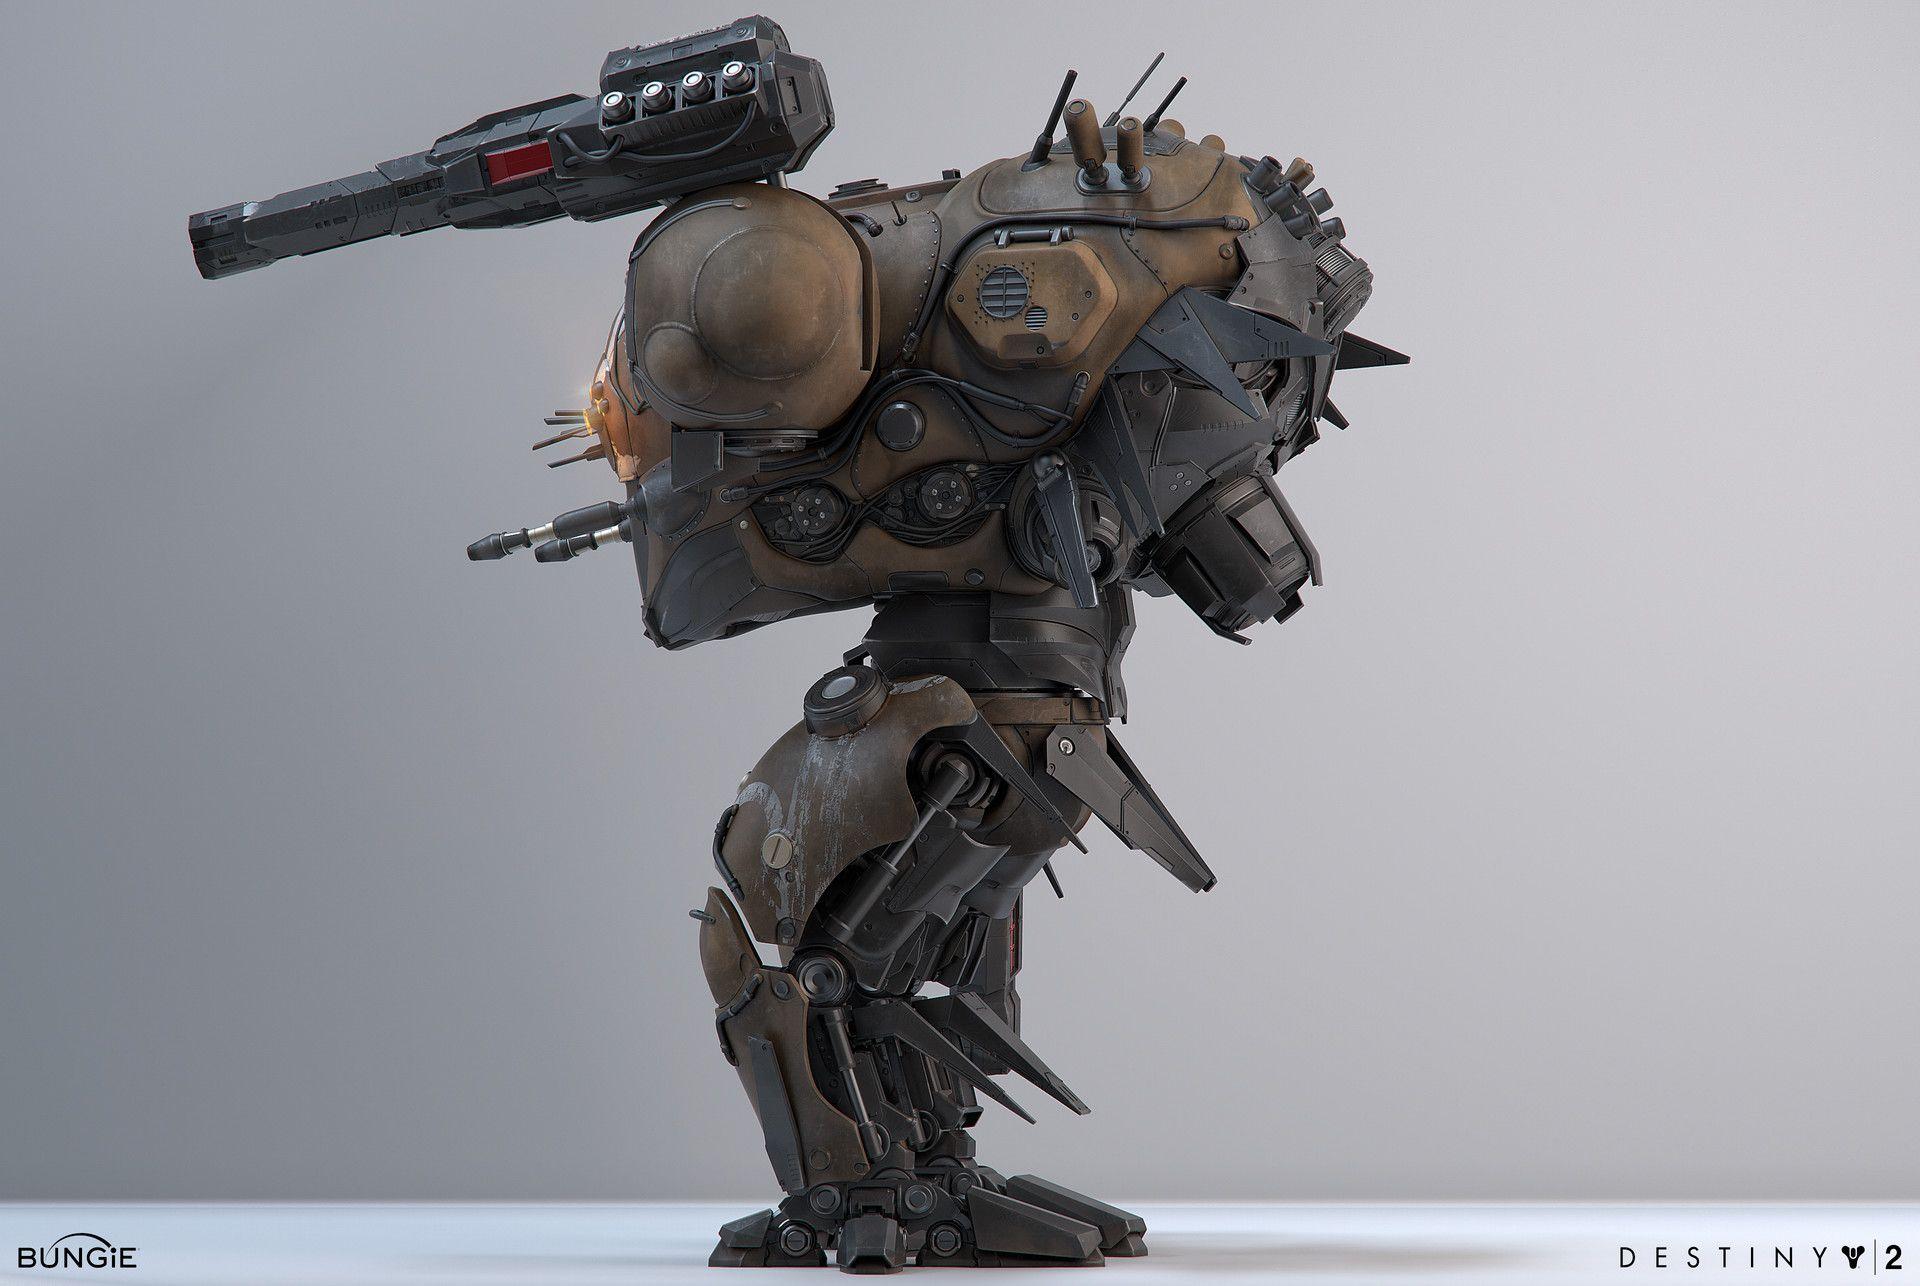 ArtStation - Destiny 2 Insurrection Prime Raid Boss, Roderick Weise